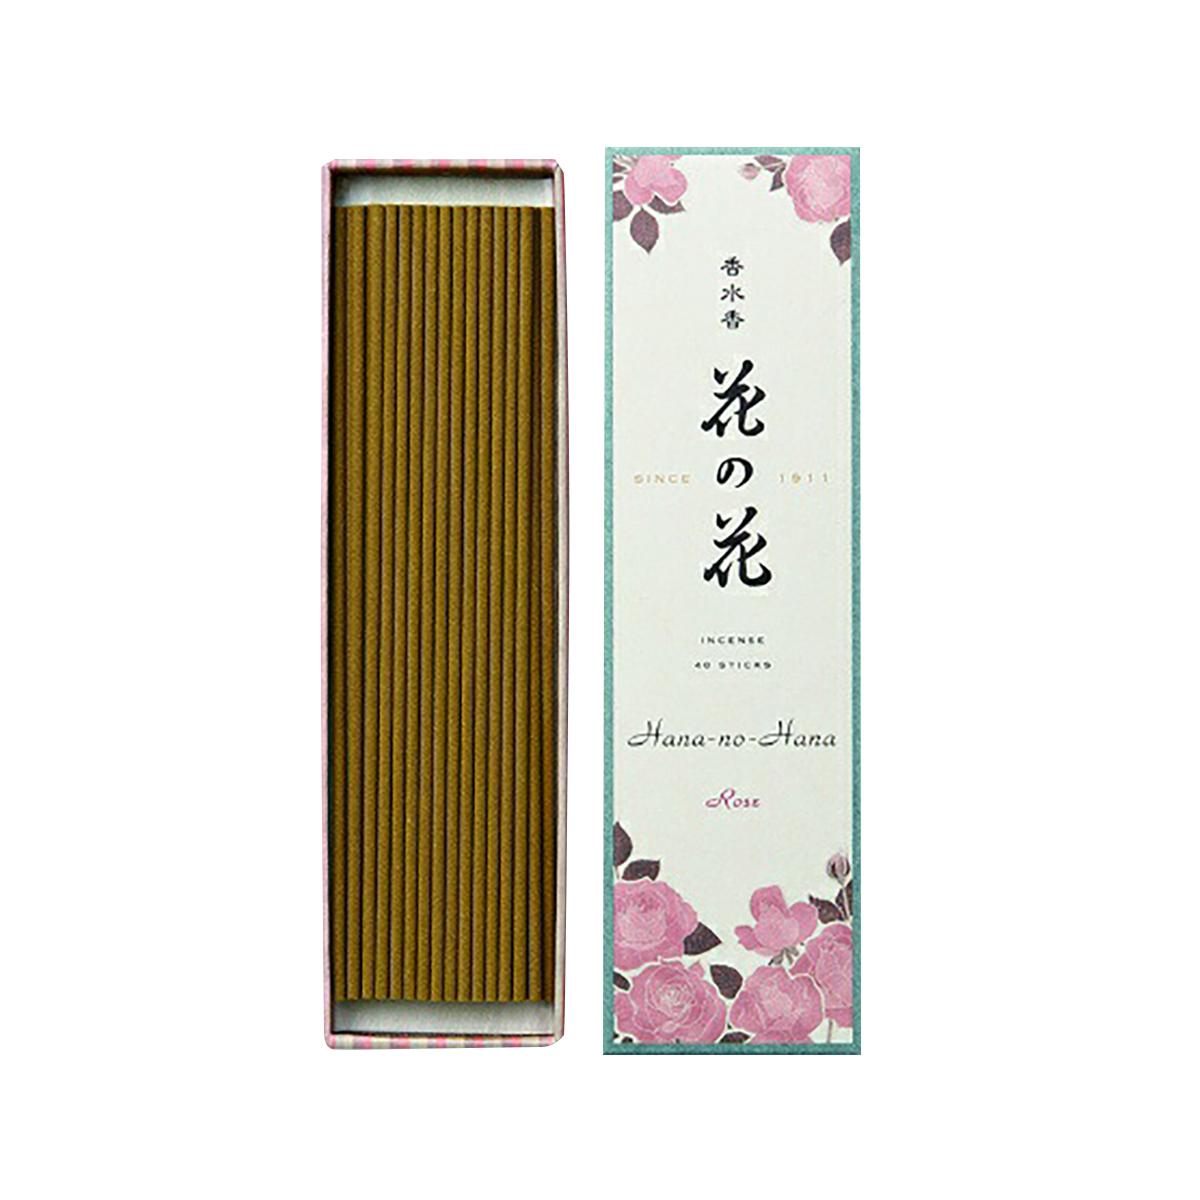 【送料無料・まとめ買い×006】日本香堂 香水香 花の花 ばら 長寸 40本入×006点セット(4902125300057)